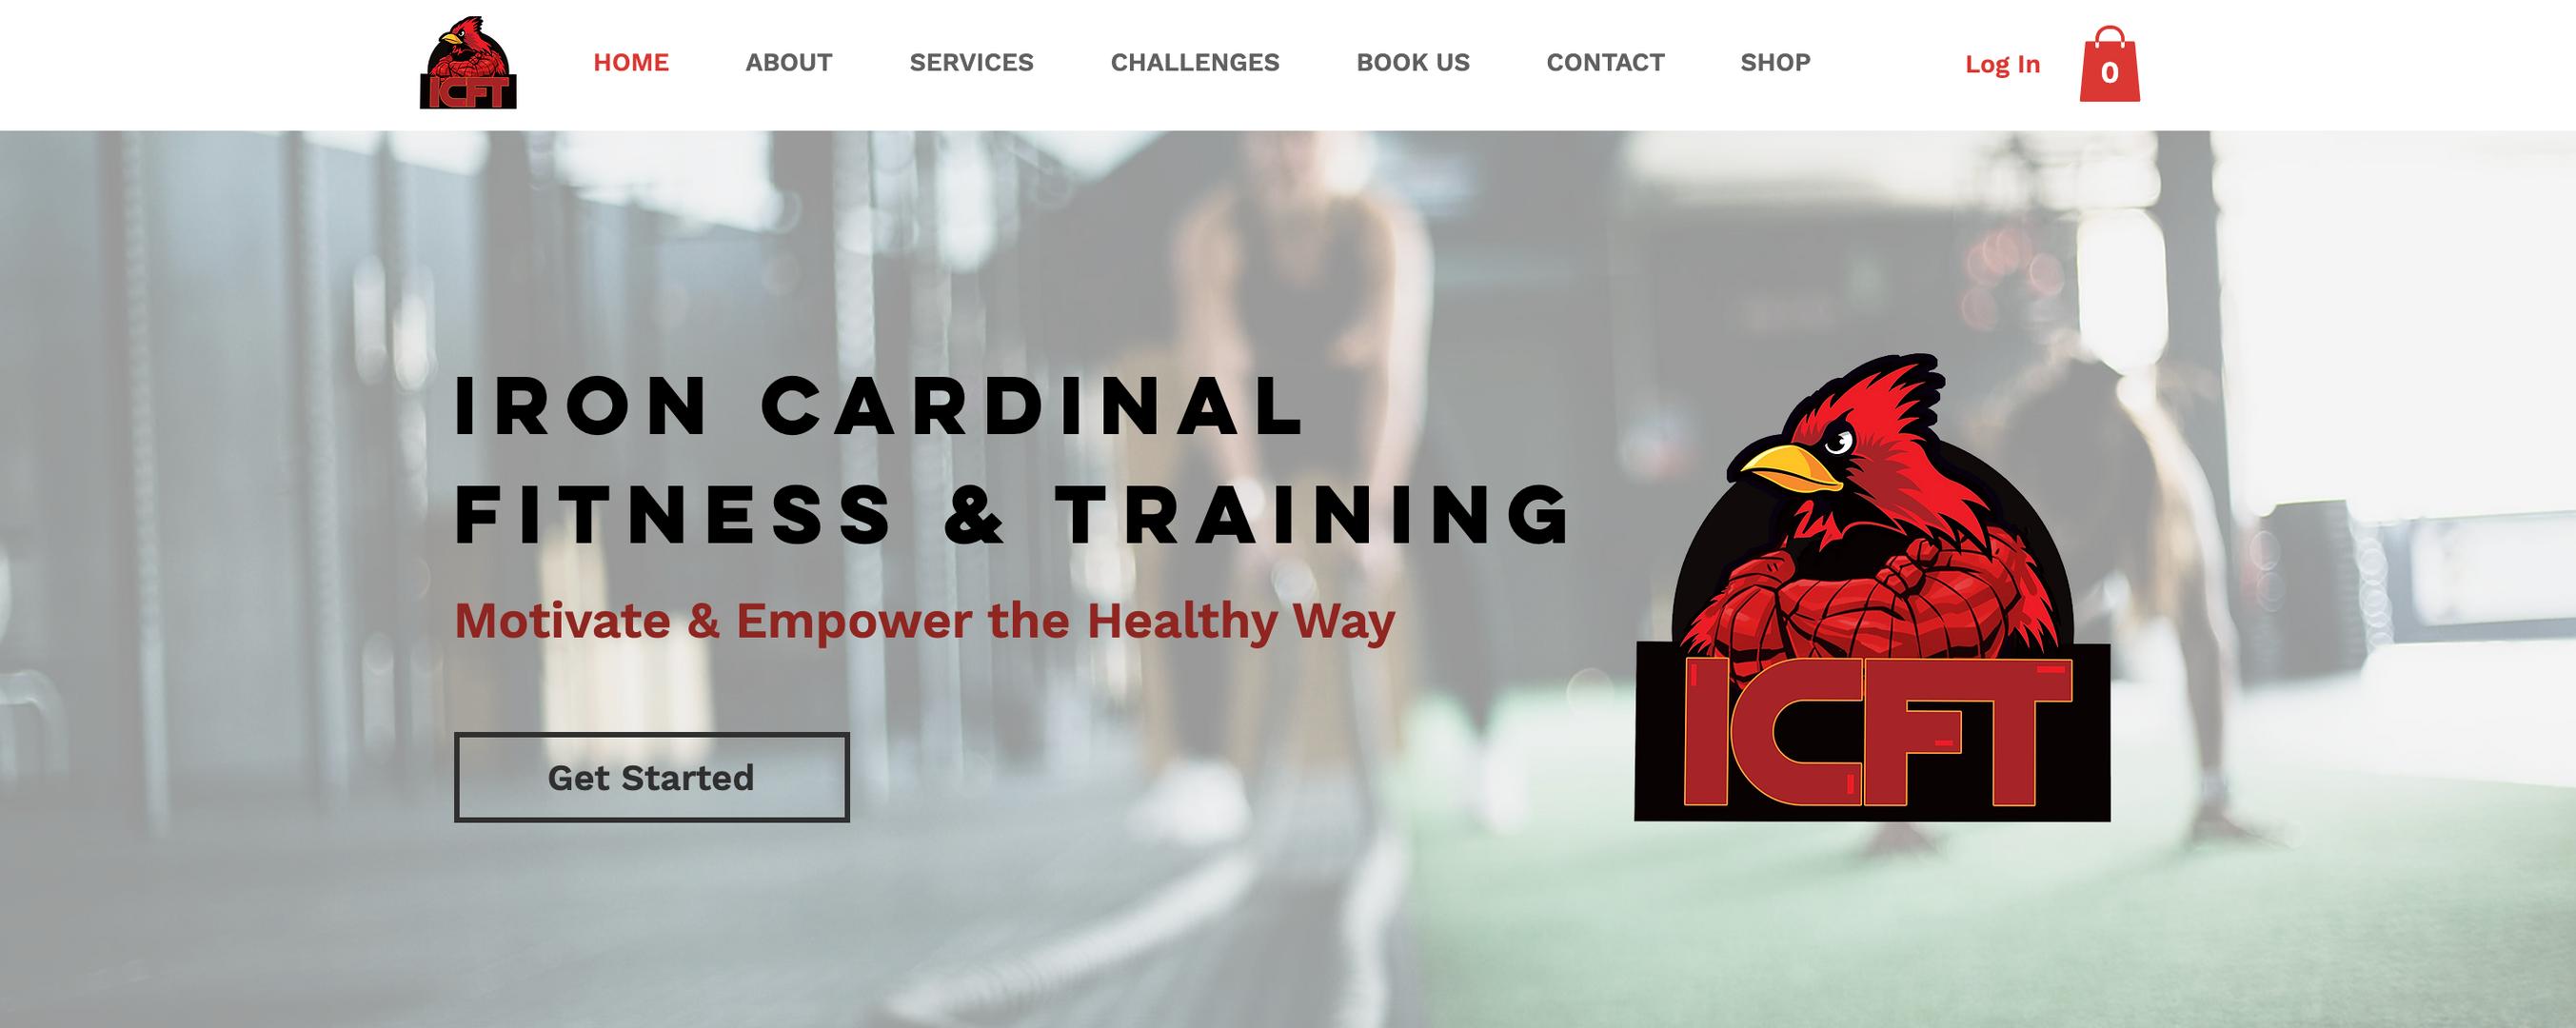 Iron Cardinal Fitness